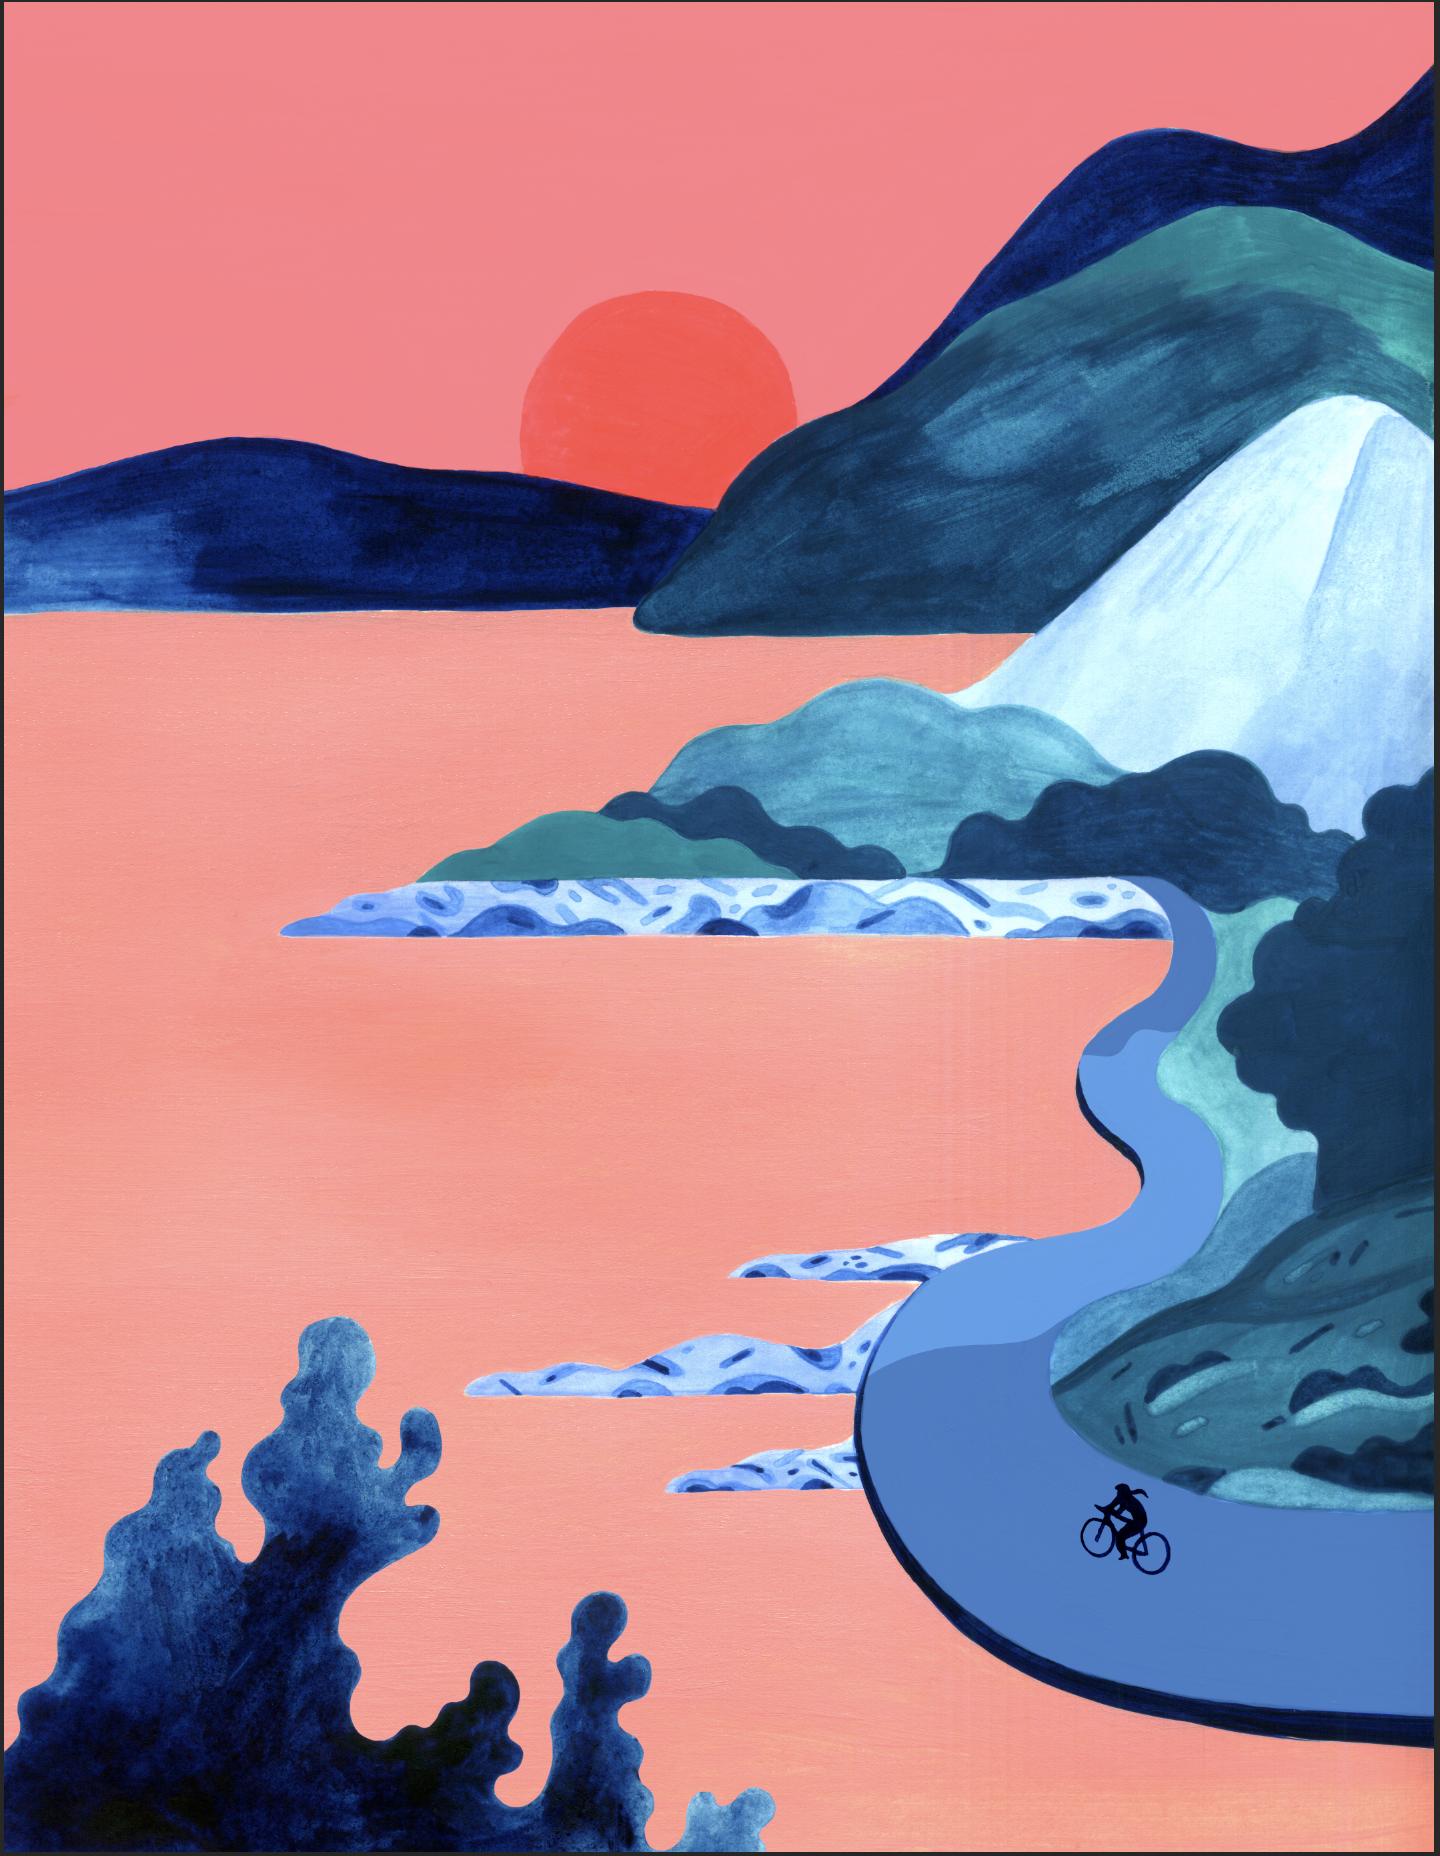 Illustration par Florence Rivest pour le Collectif. Vous voulez vous procurer une affiche pour financer l'équipe? Écrivez-nous!